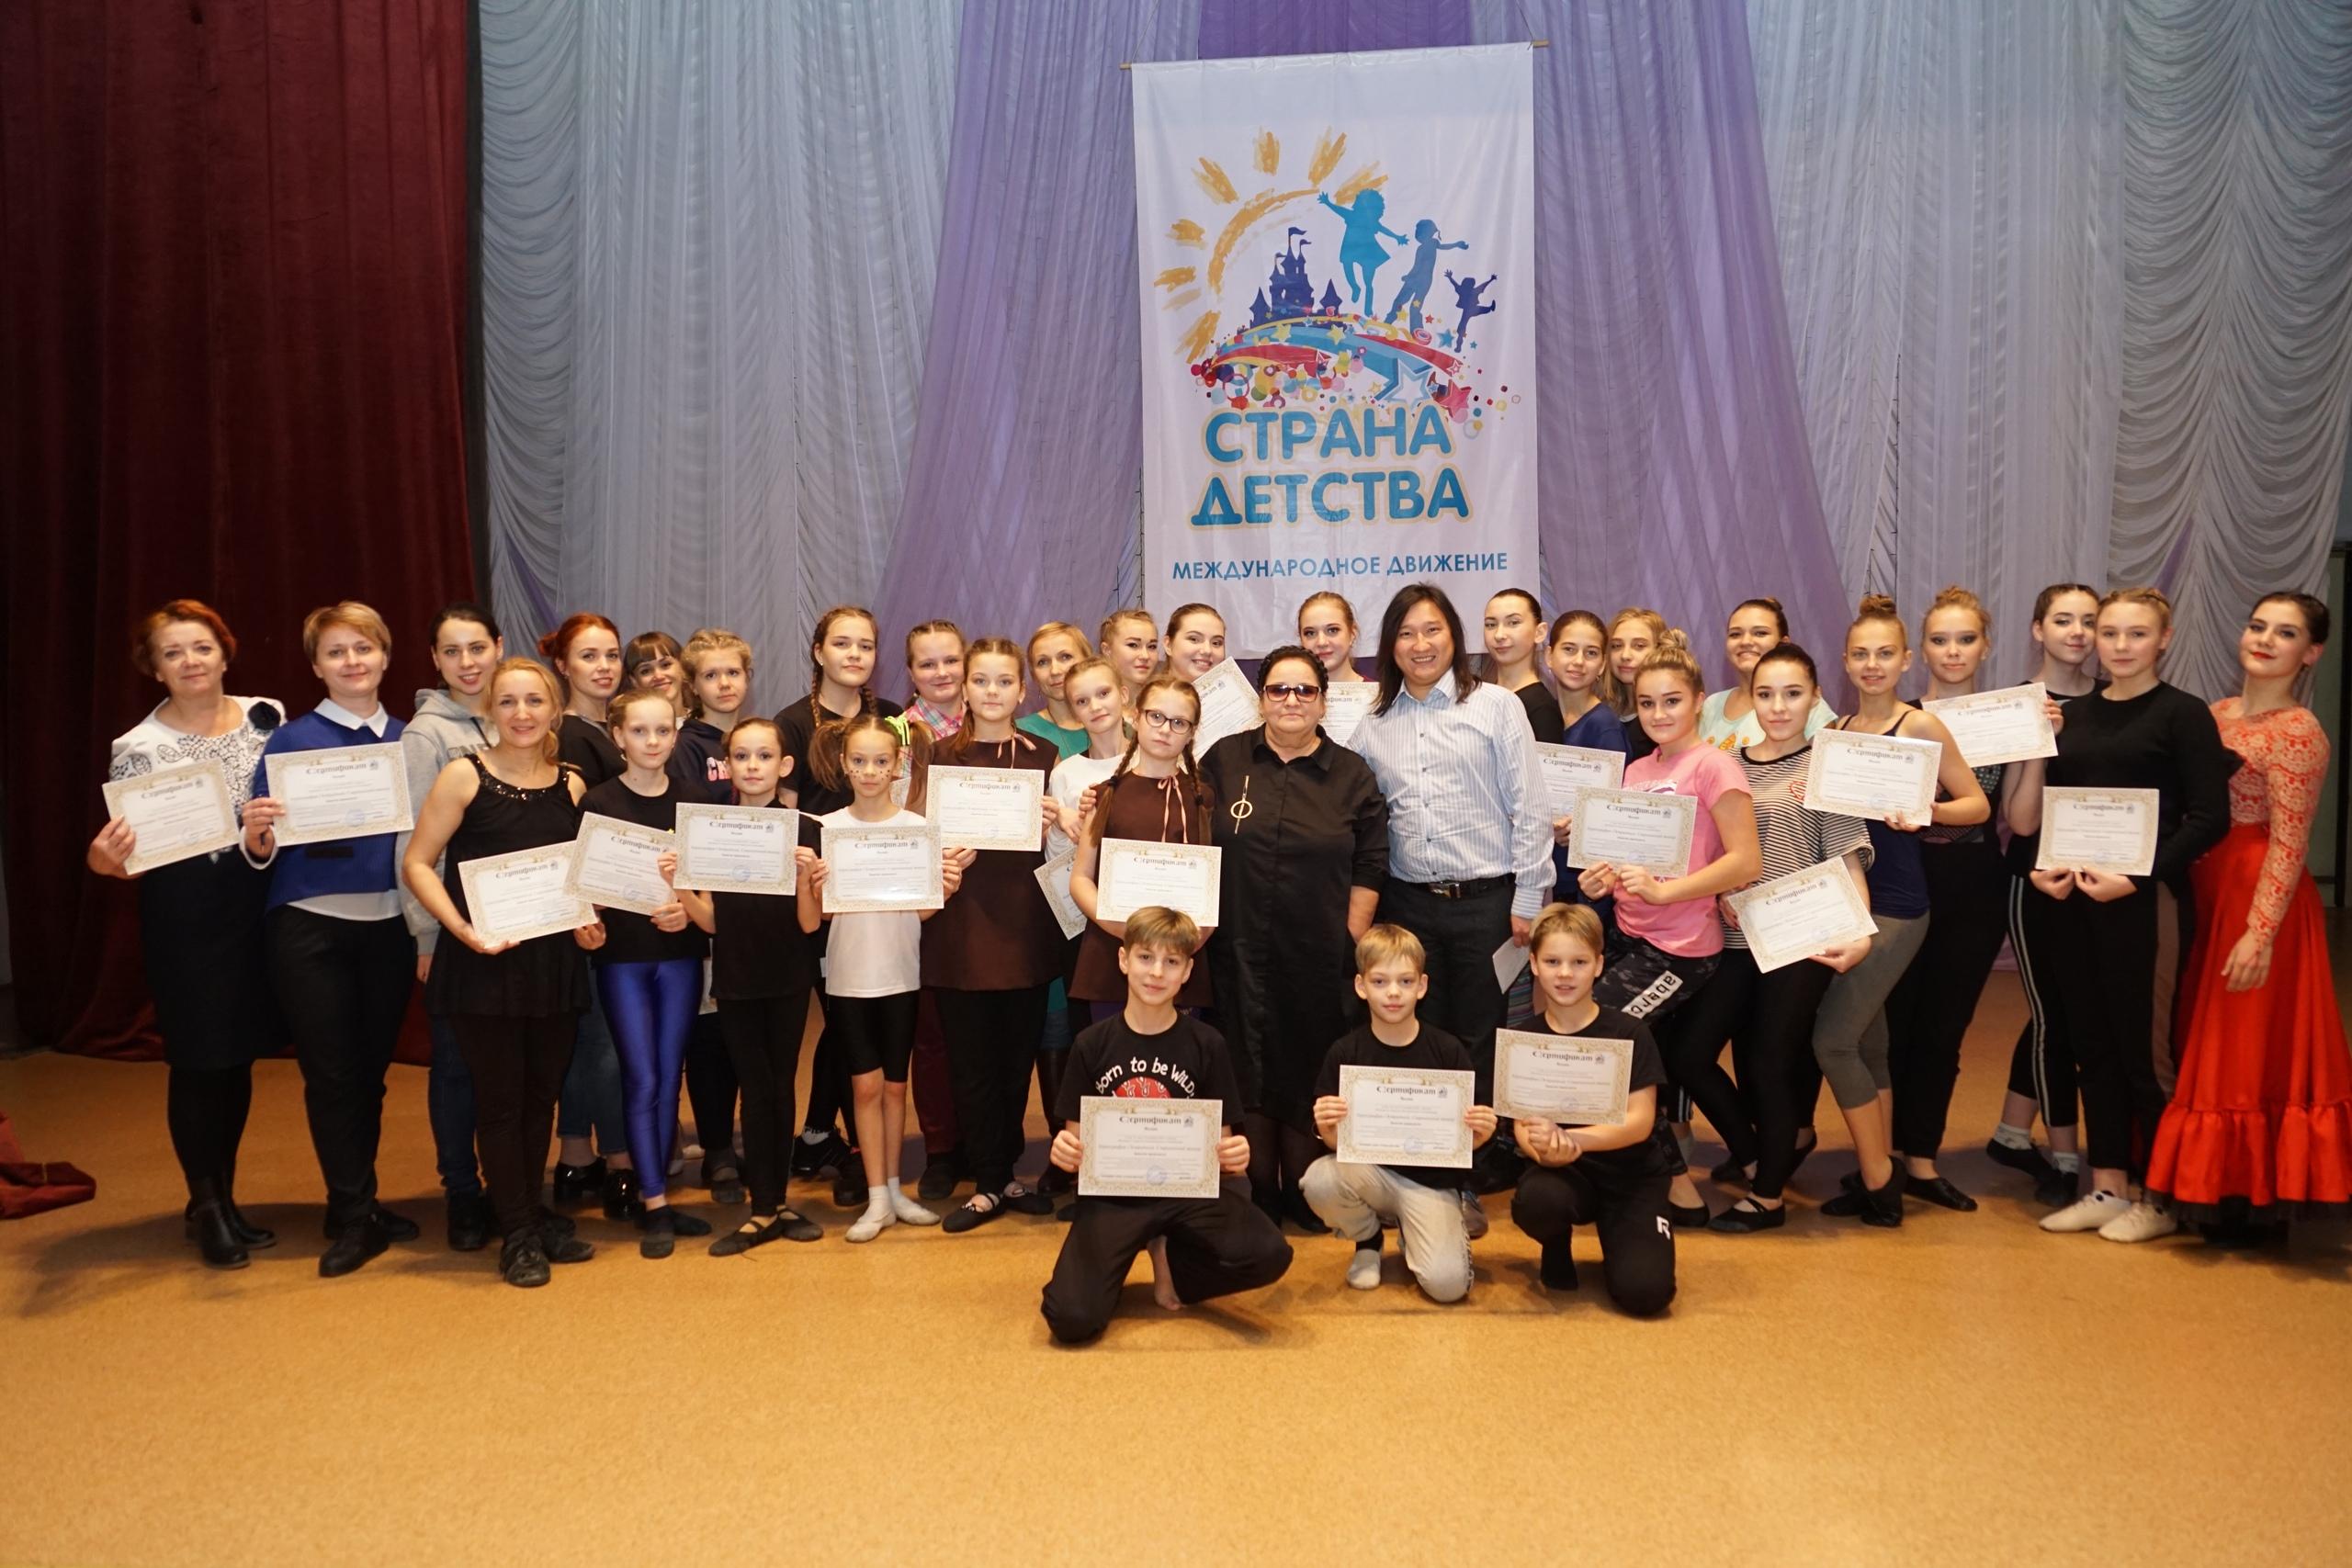 Вот уже второй год подряд в г. Нижний Тагил проходит Международный хореографический конкурс